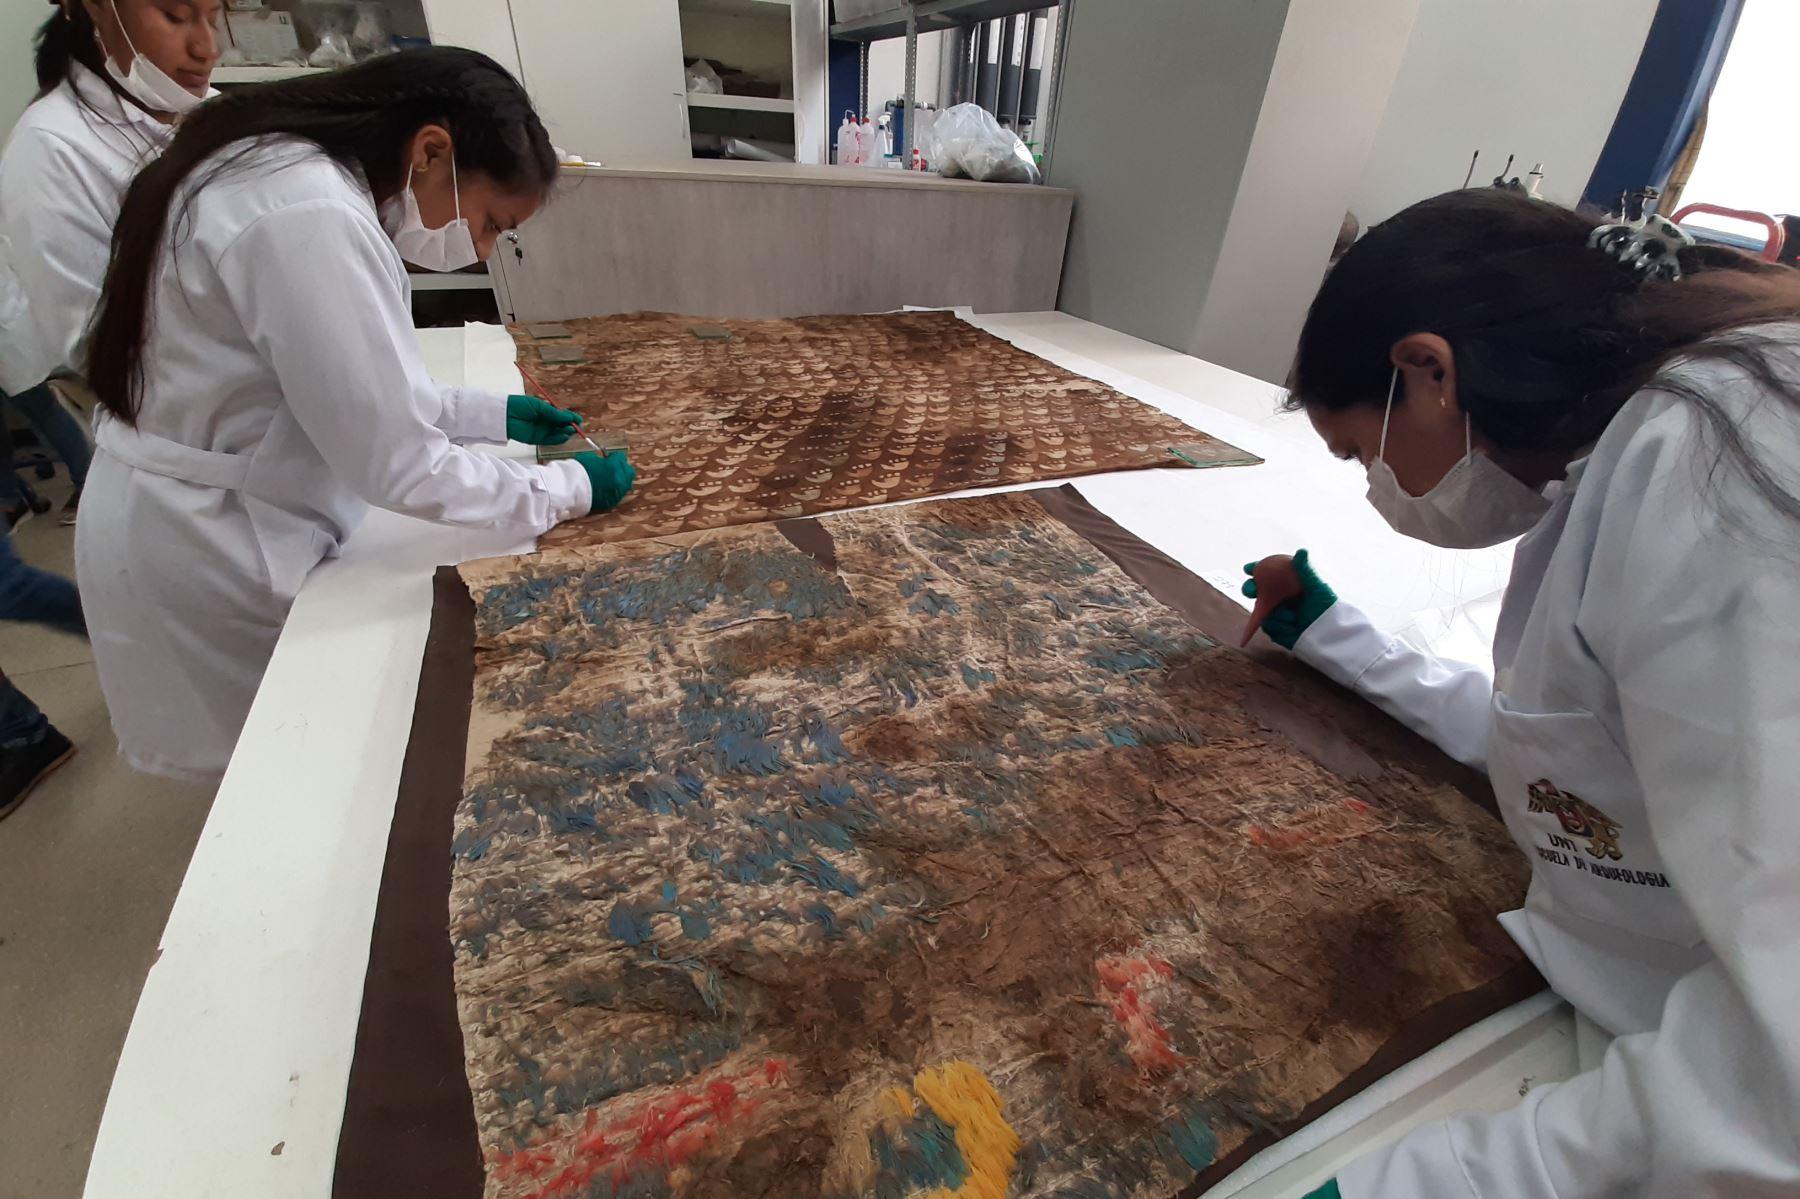 Laboratorio de arqueología de la Universidad Nacional de Trujillo preservará y conservará los vestigios arqueológicos hallados en Huanchaco. Foto: Luis Puell